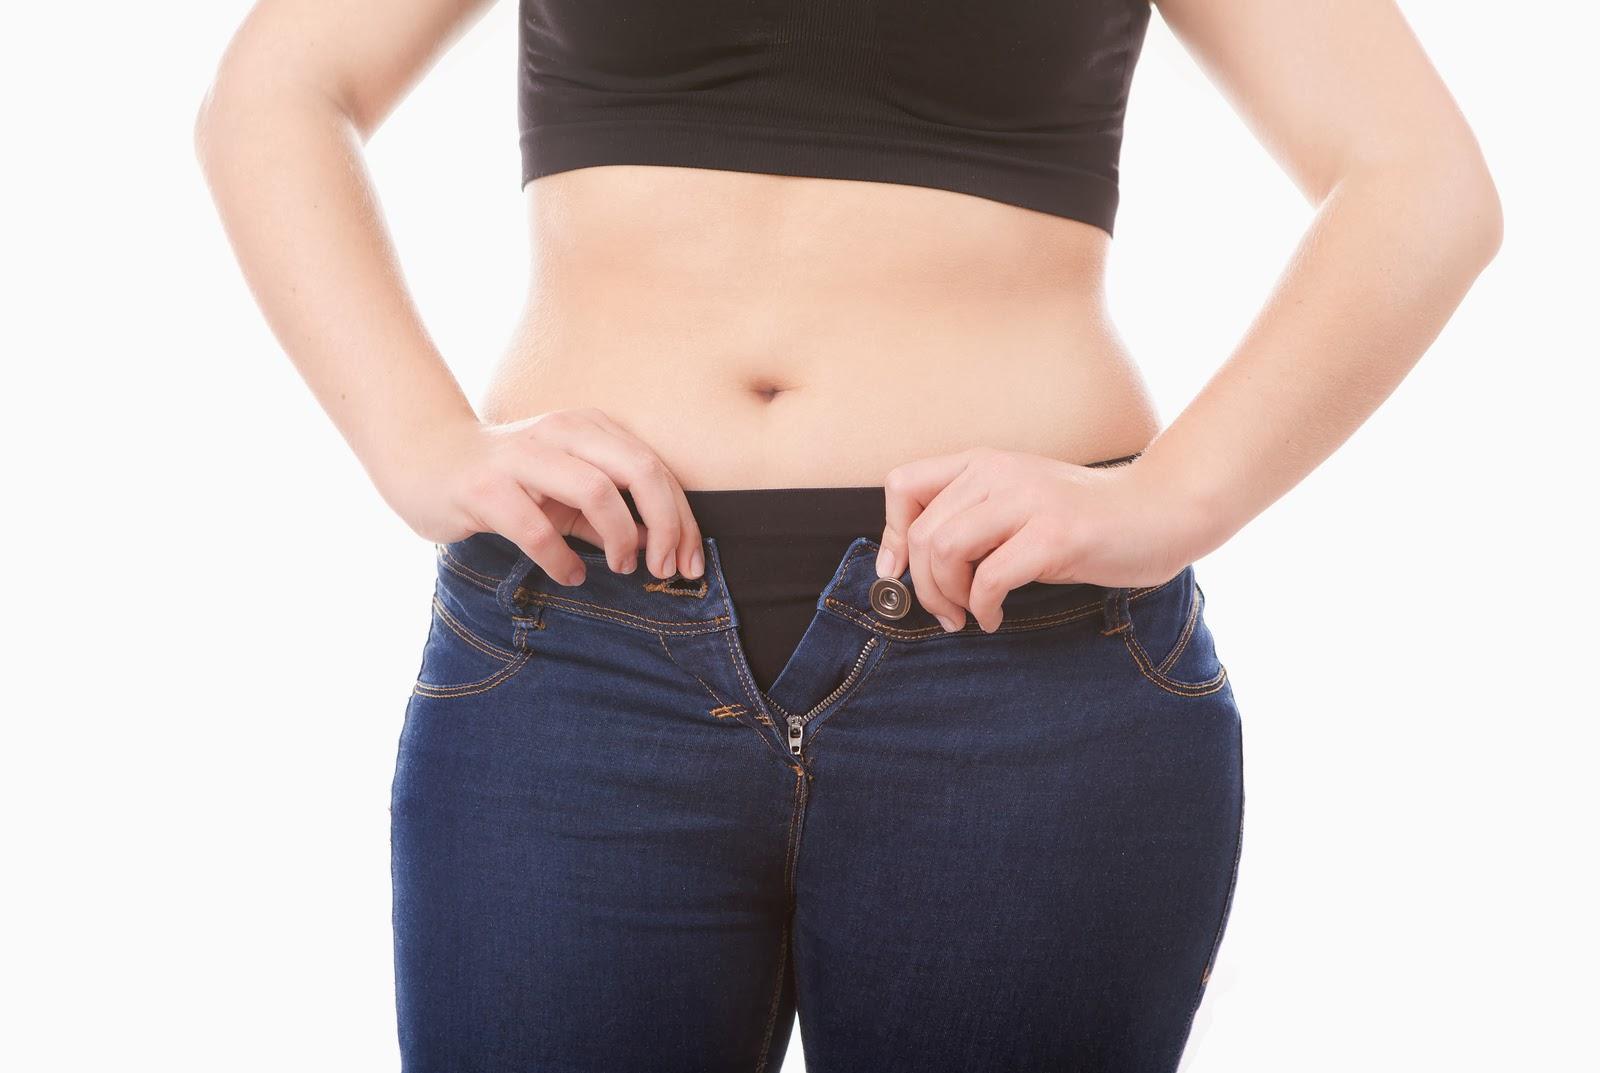 Fotografia kolorowa ukazująca brzuch kobiety. Kobieta ubrana jest w czarny crop top i czarne majtki. Próbuje zapiąc zbyt ciasne niebieskie jeansy.